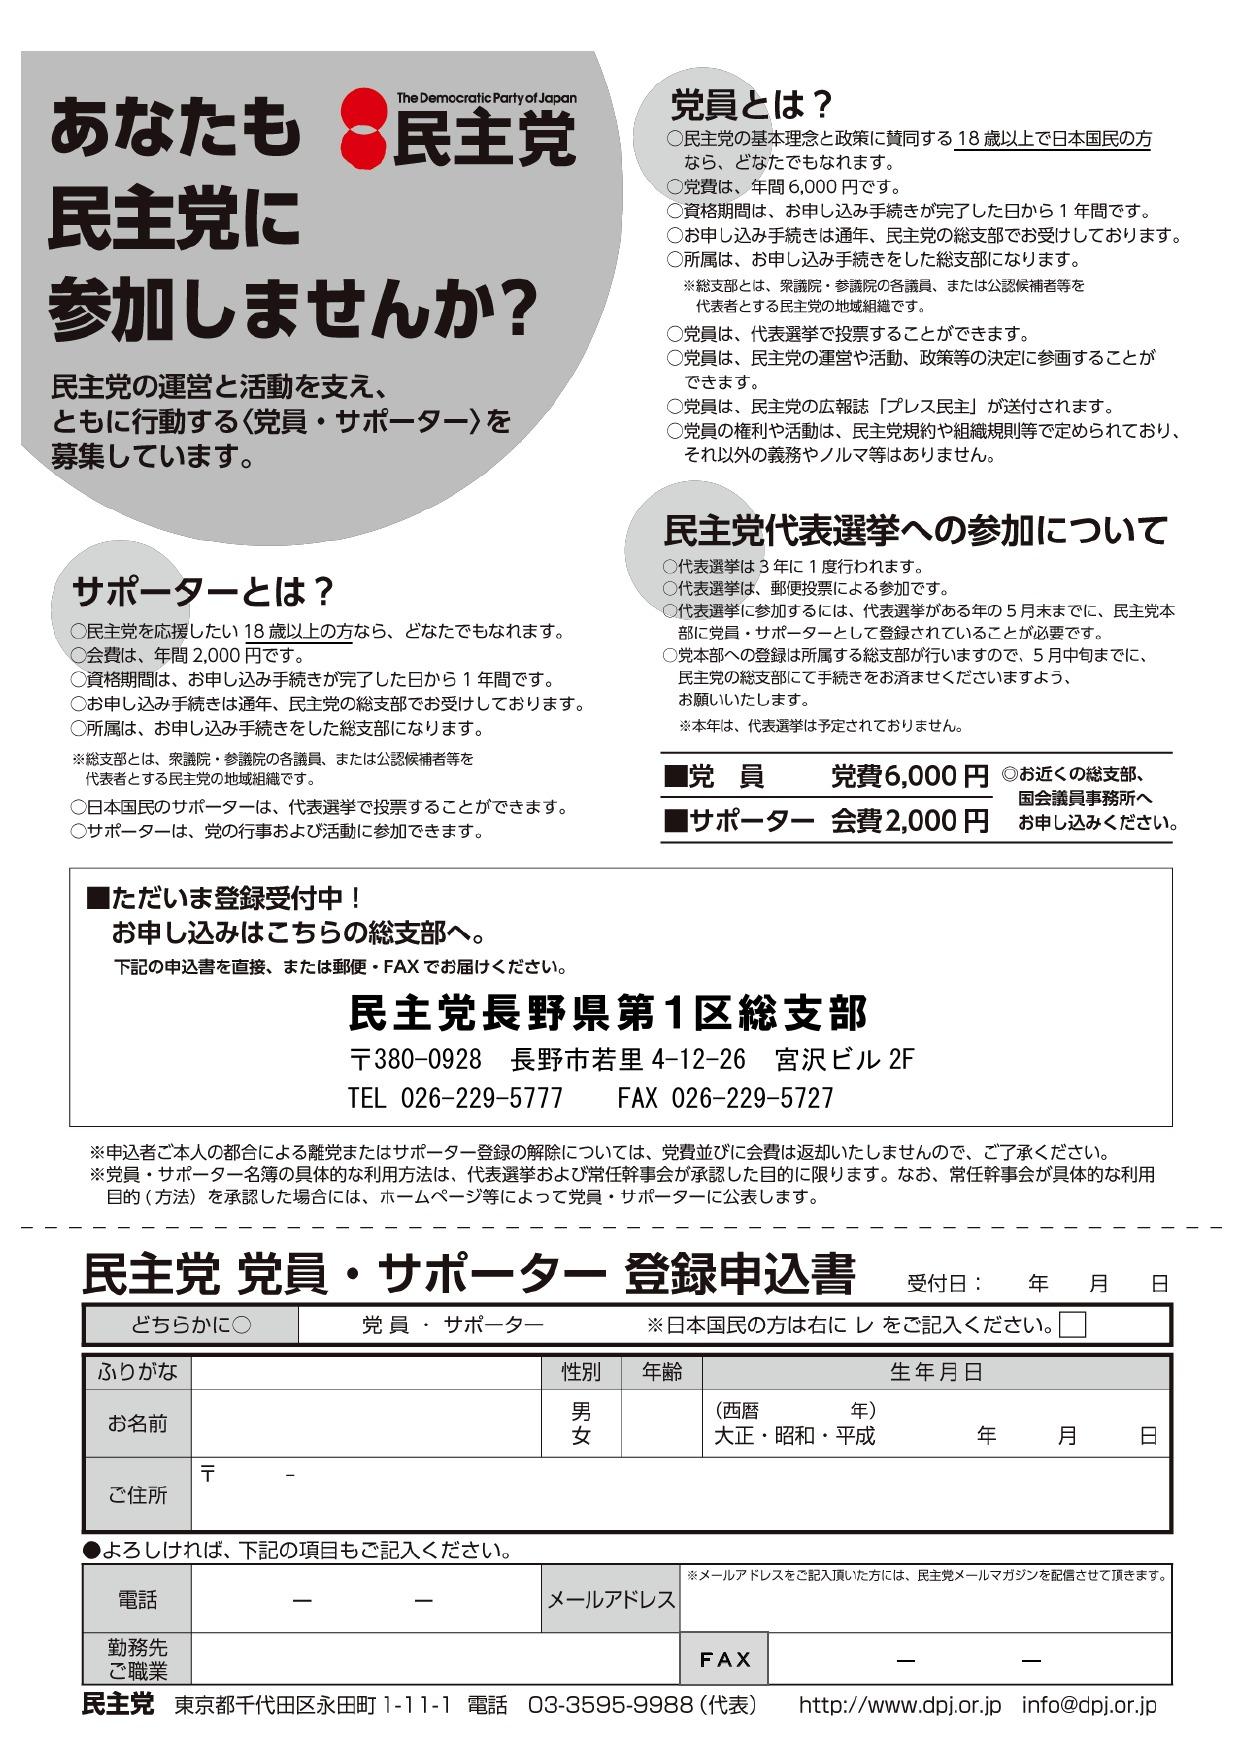 2014dpj-supporter-leaflet.jpg